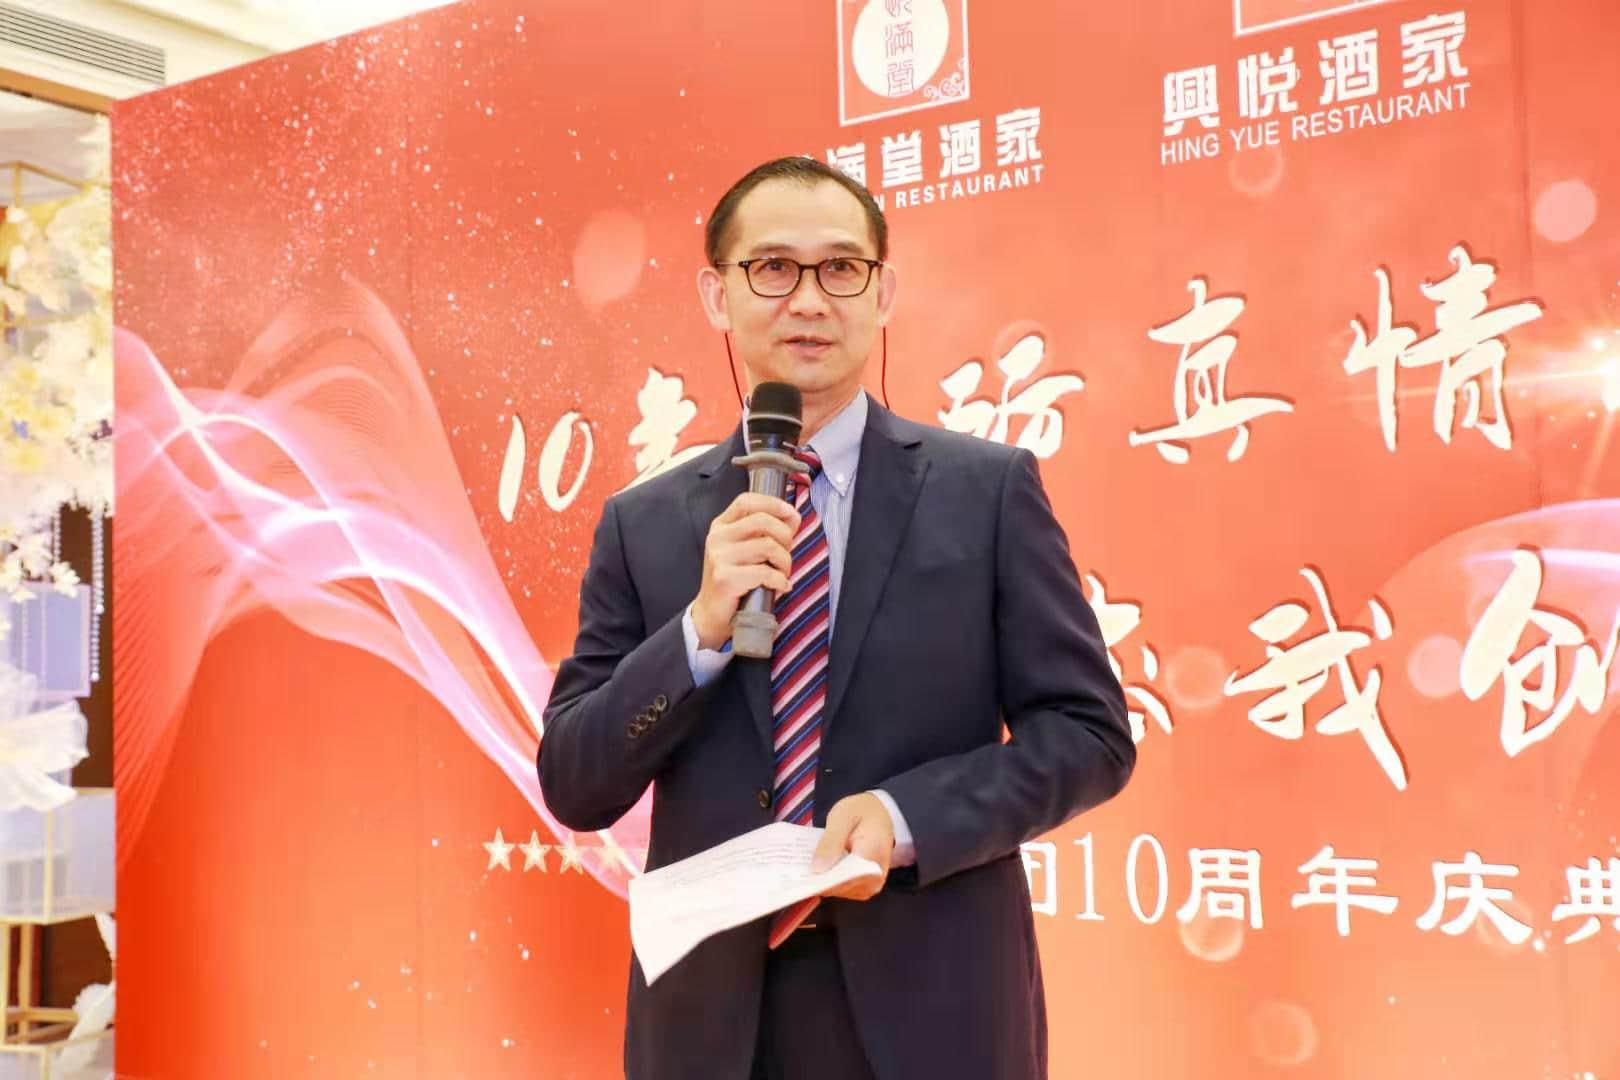 兴悦集团创始人、香港著名厨皇刘伟良先生